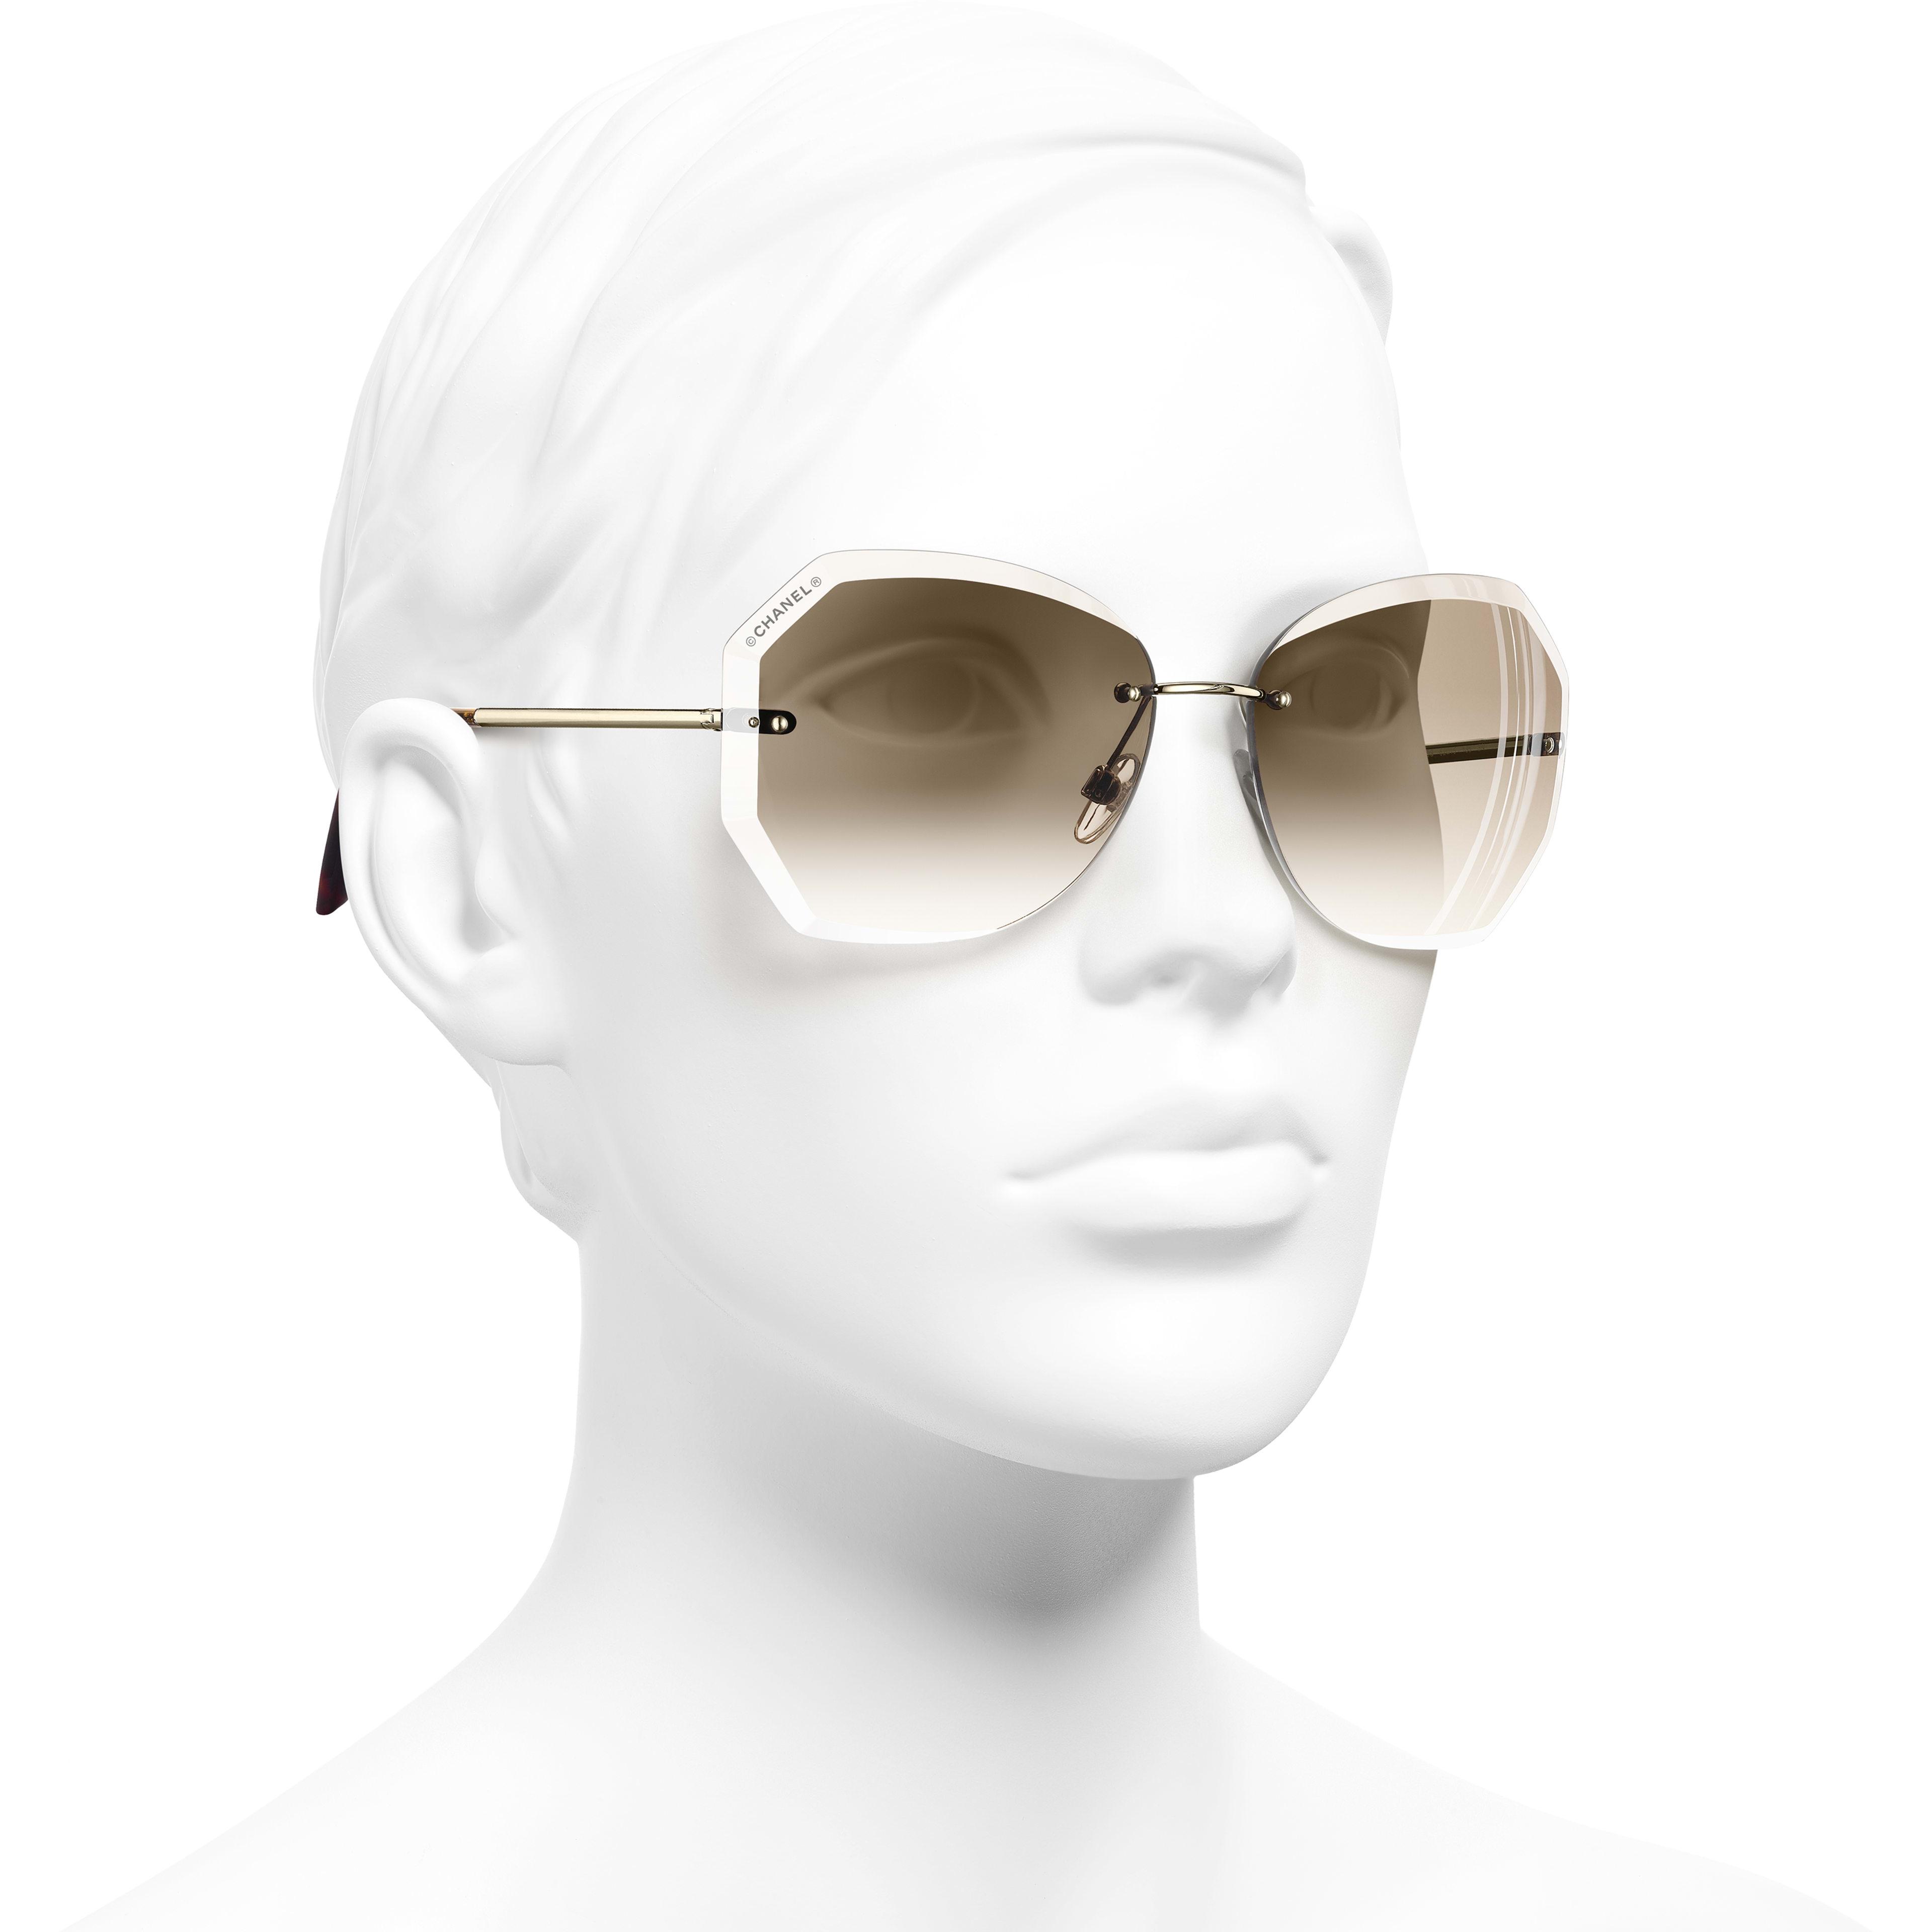 圓形太陽眼鏡 - 金與米 - 金屬 - CHANEL - 配戴時的3/4側面視圖 - 查看標準尺寸版本